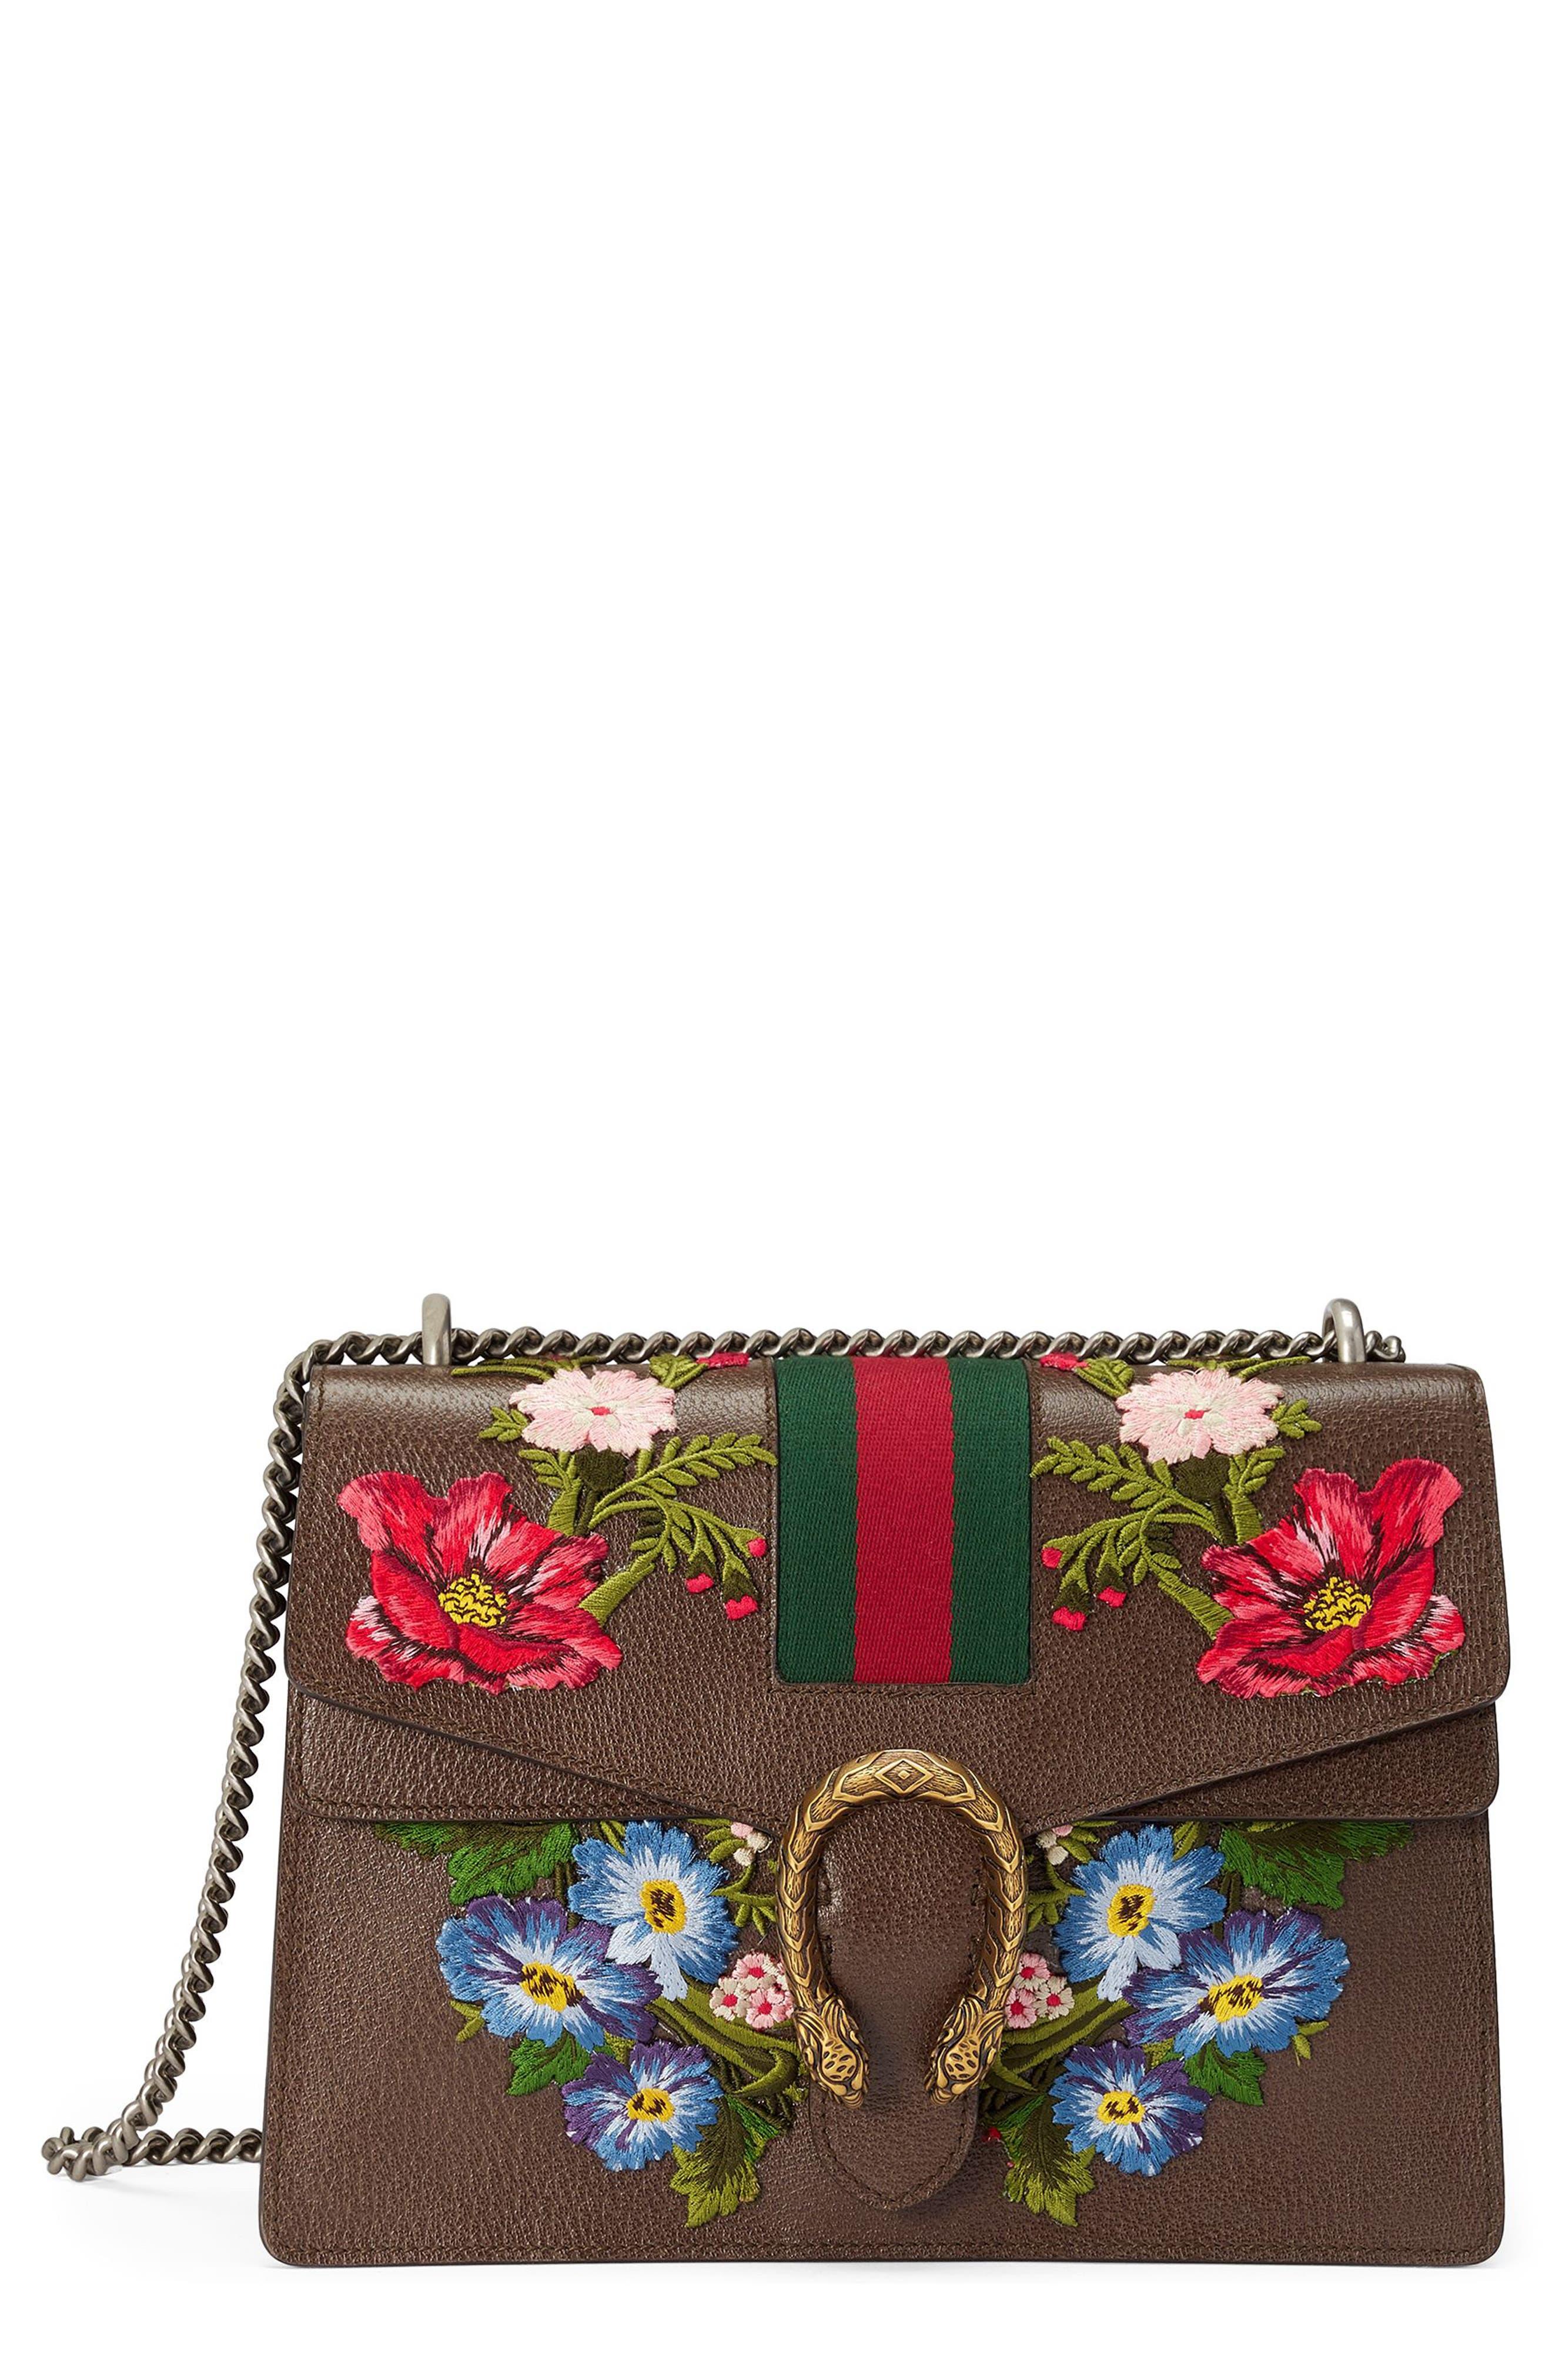 Medium Dionysus Embroidered Leather Shoulder Bag,                         Main,                         color, 031